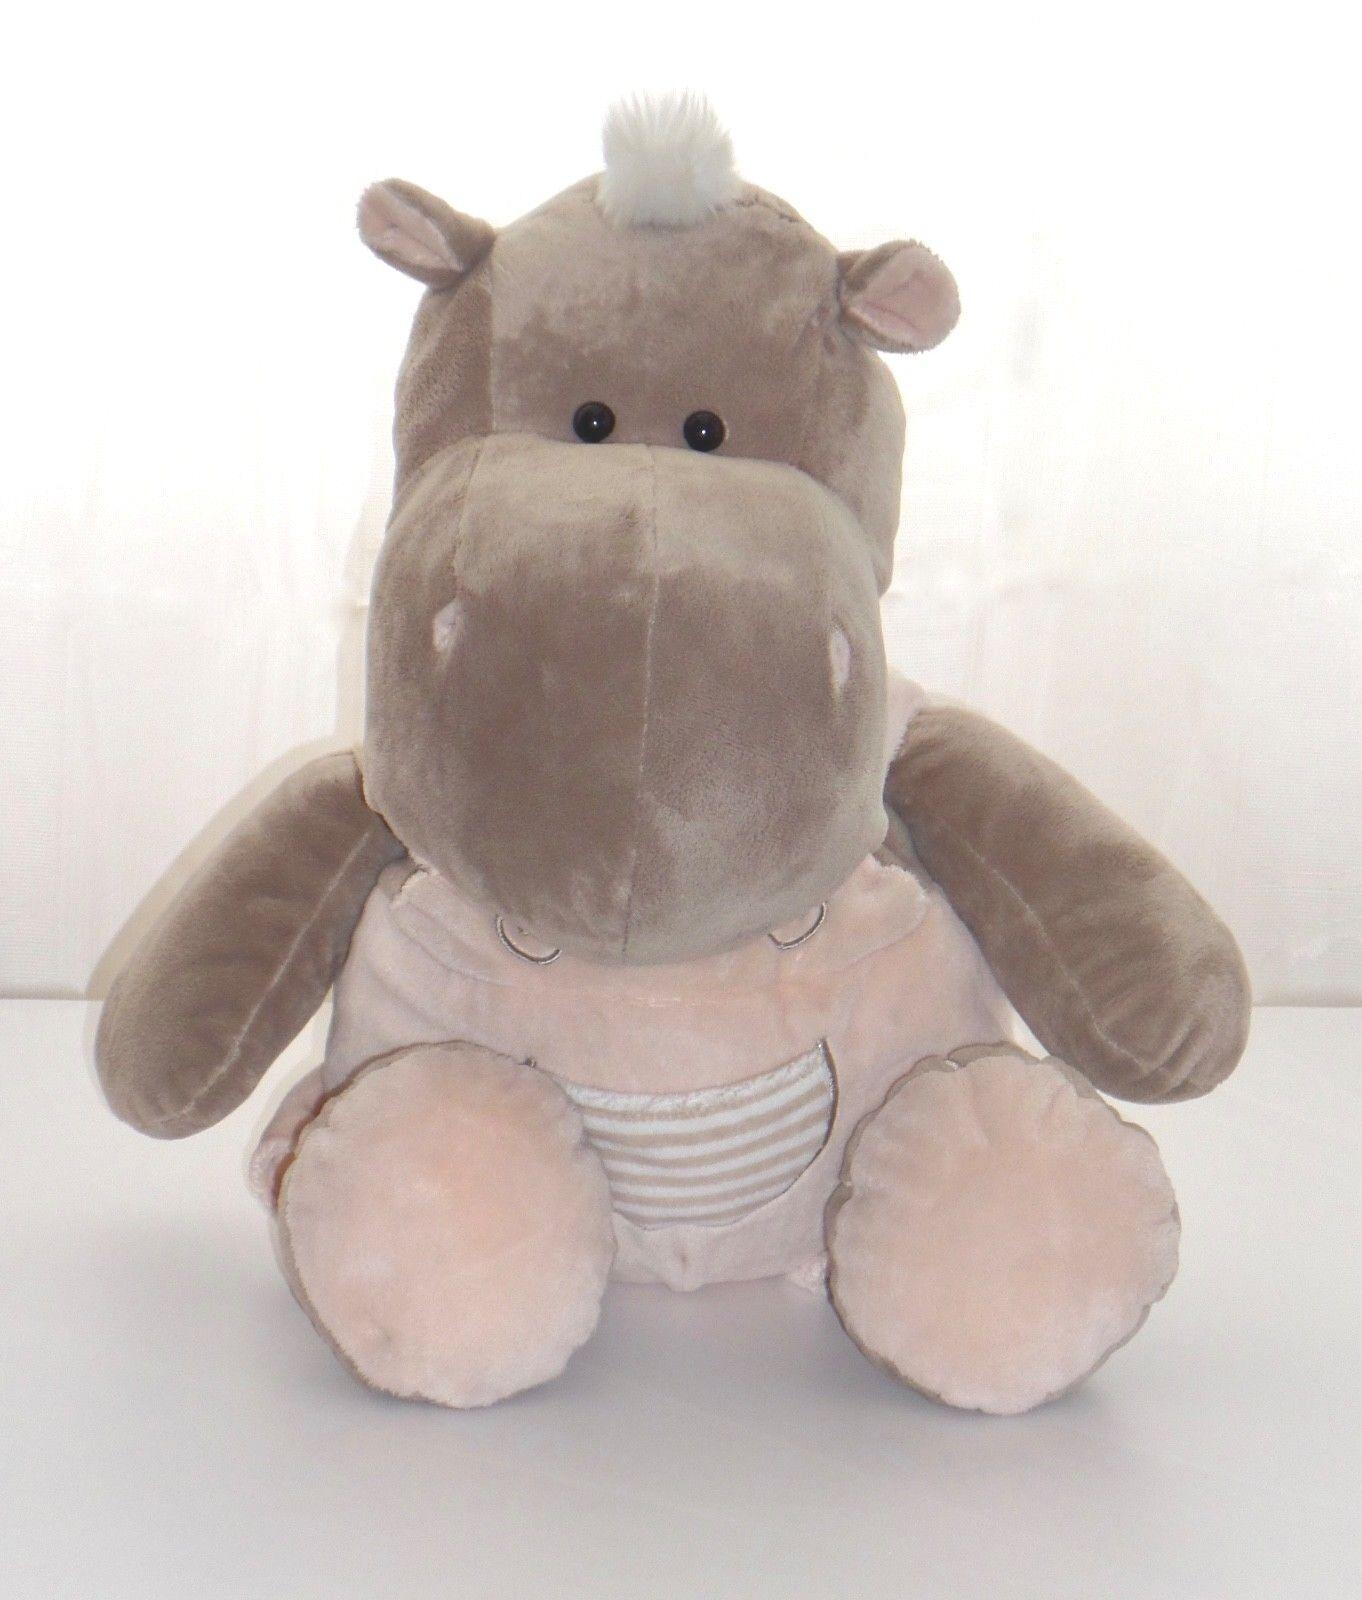 Morgenroth Stofftier Kuscheltier Plüschtier Nilpferd Hippo 50 cm Plüsch wie neu